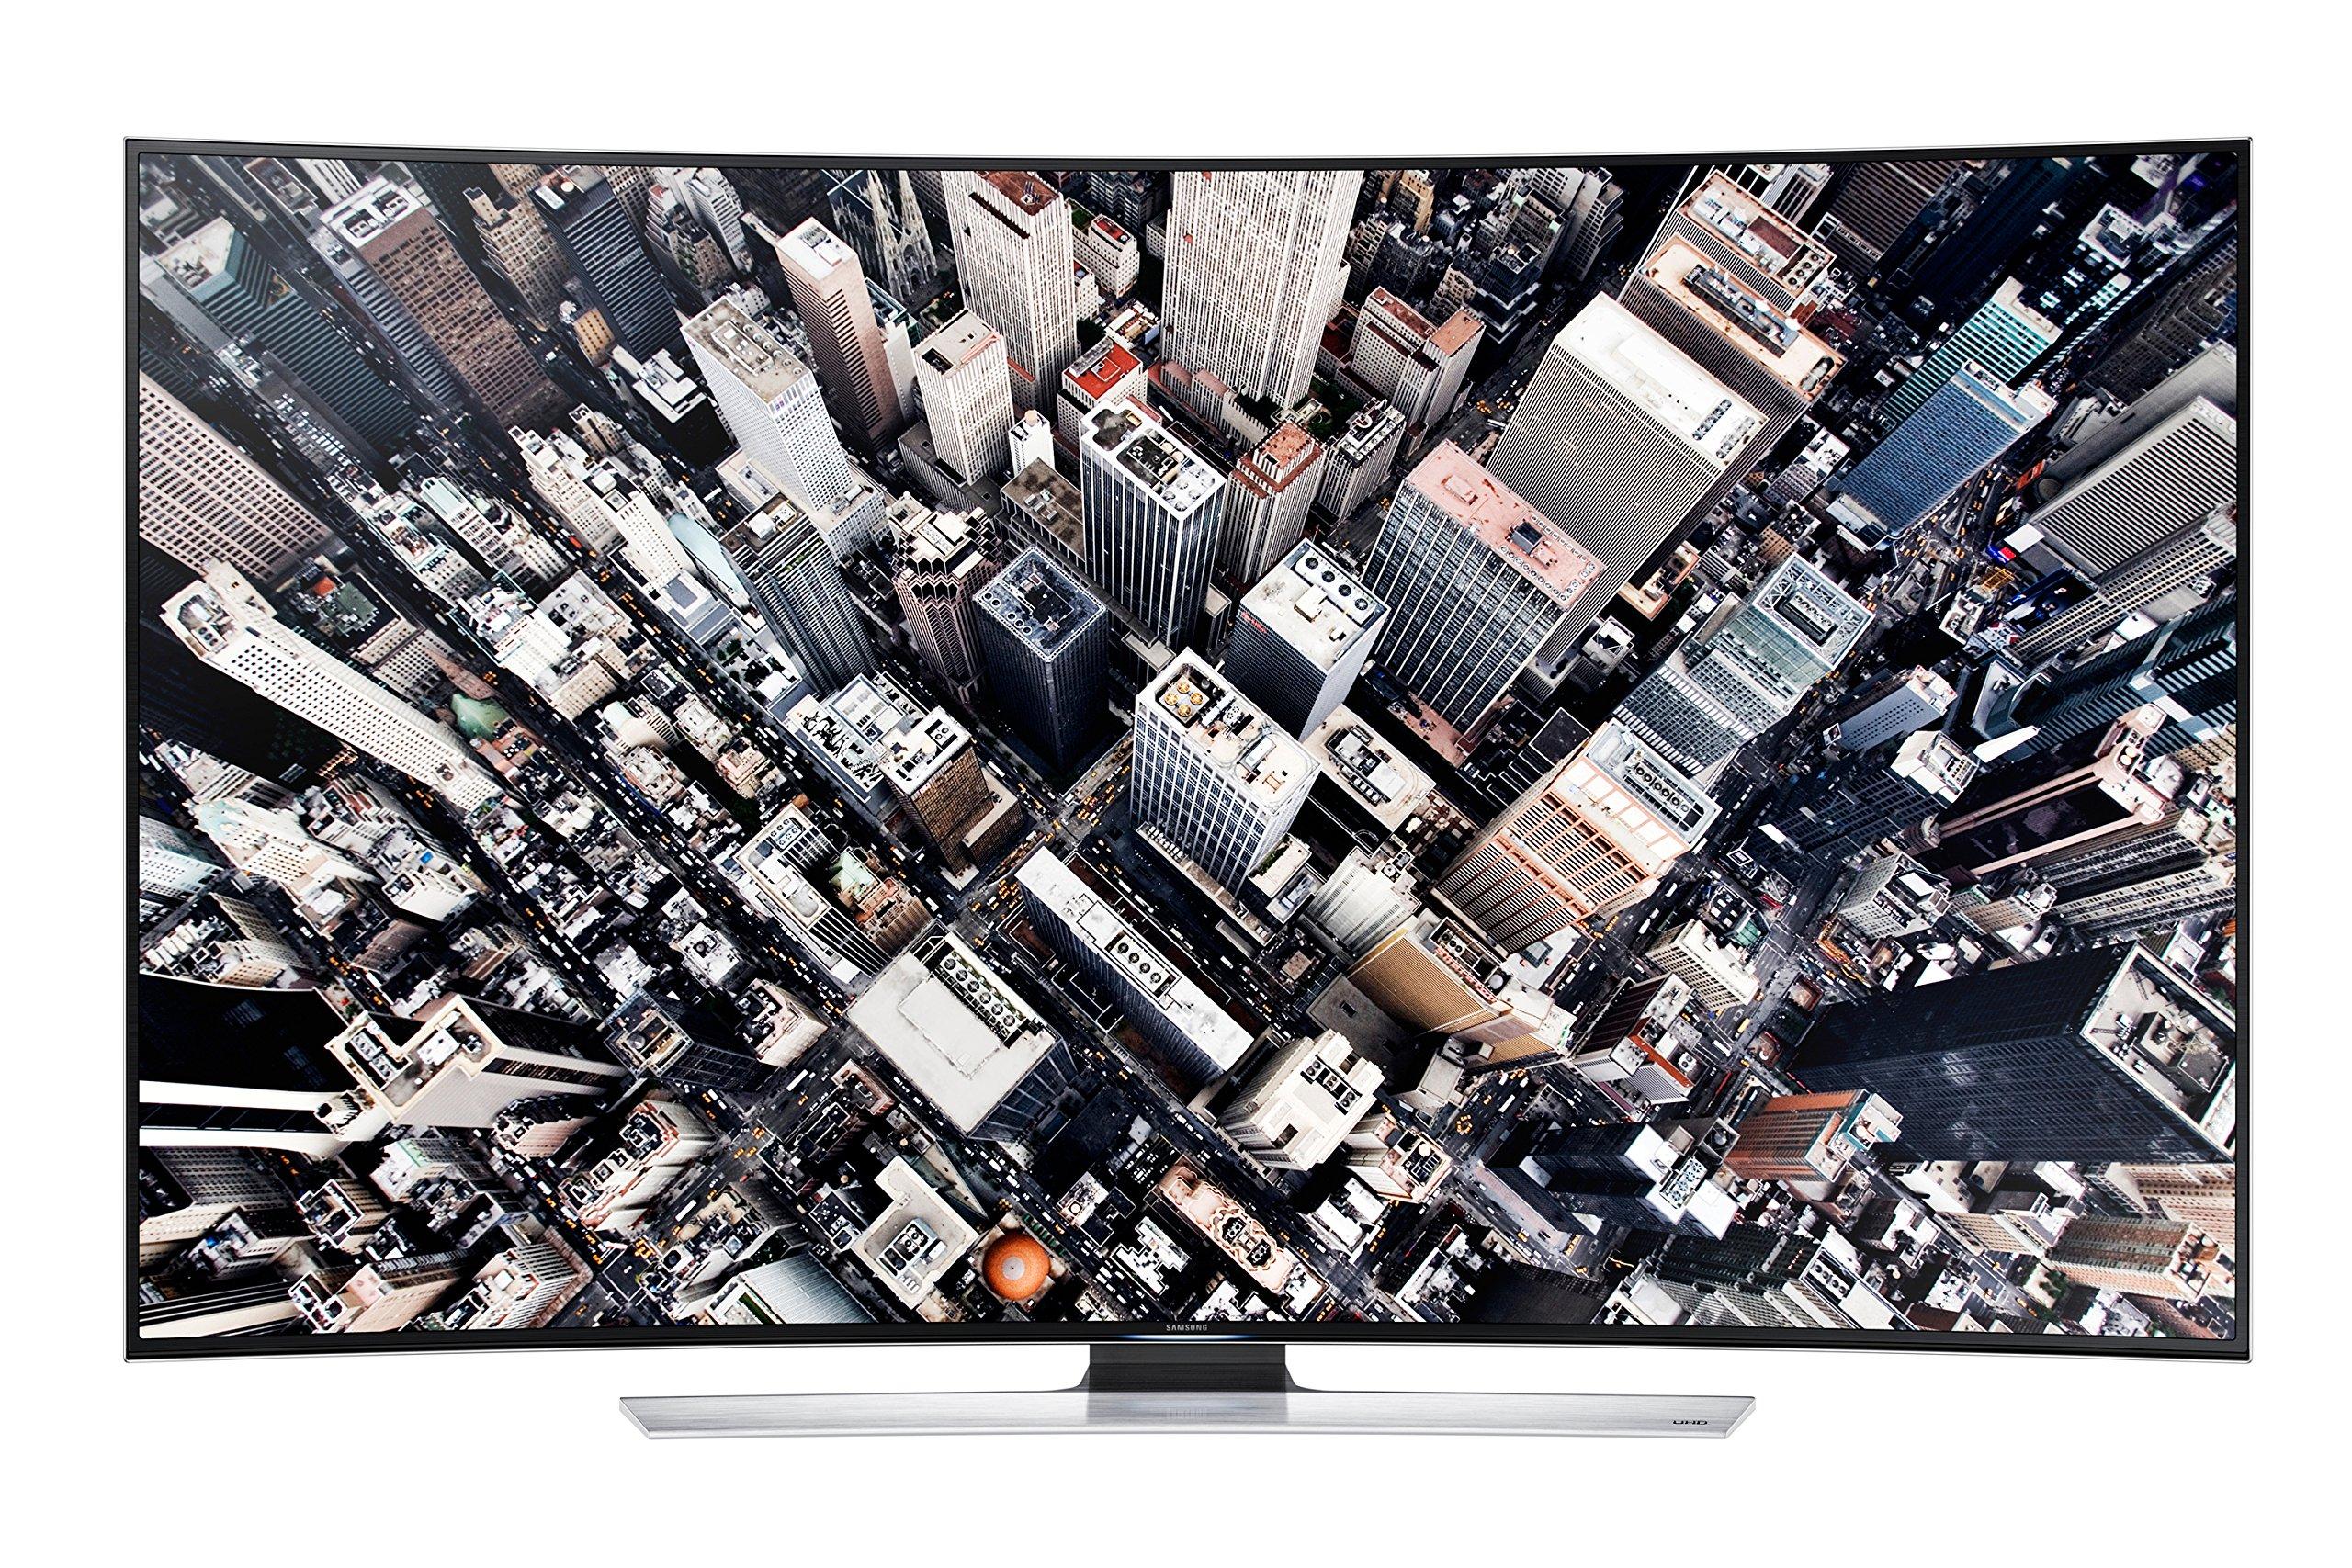 Samsung UE65HU8500L - Tv Led Curvo 65 Ue65Hu8500 Uhd 4K 3D, 4 Hdmi, Wi-Fi Y Smart Tv: SAMSUNG: Amazon.es: Electrónica